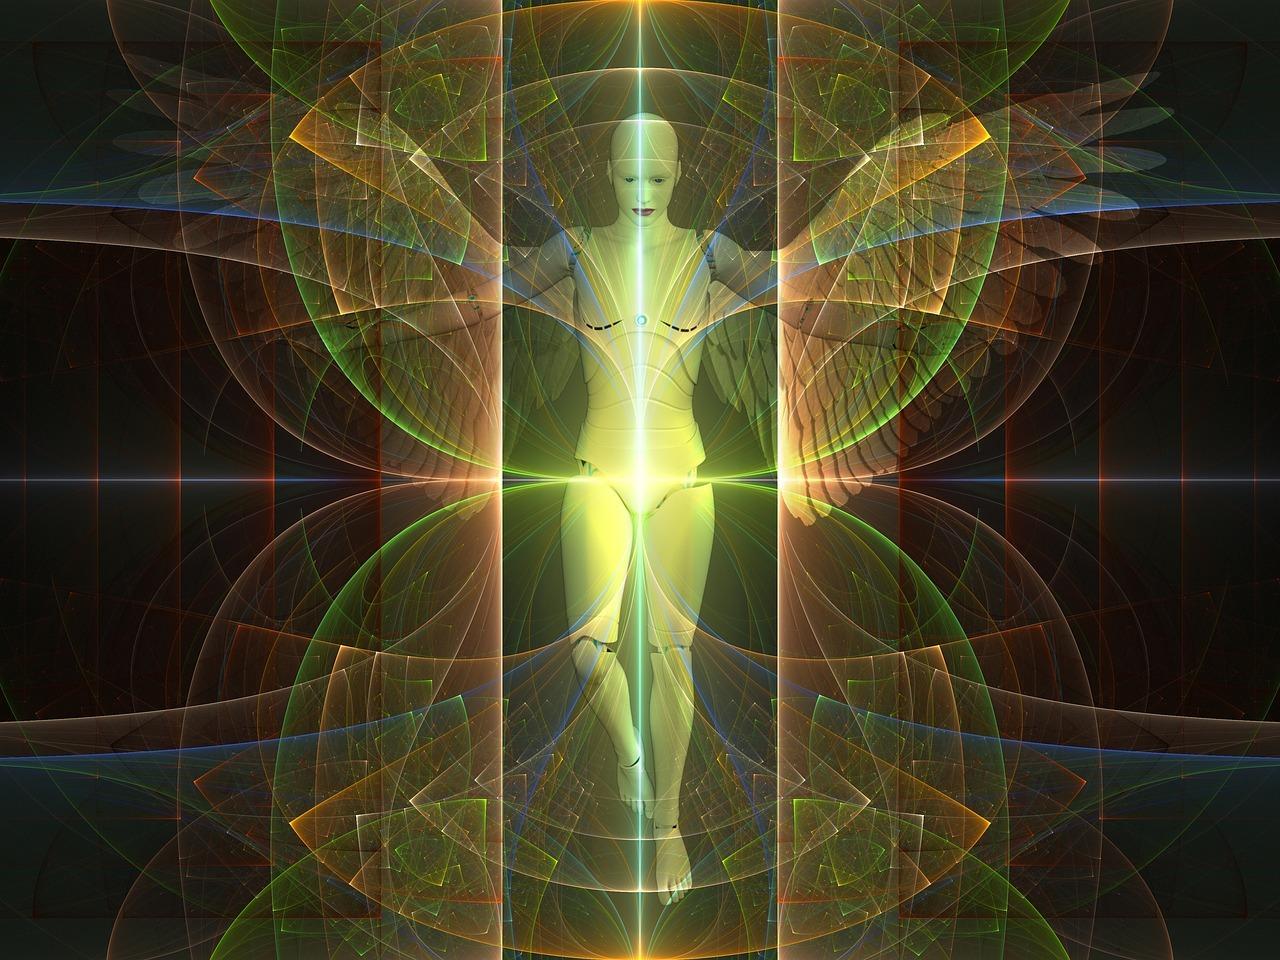 霊的,神話,超越,救済